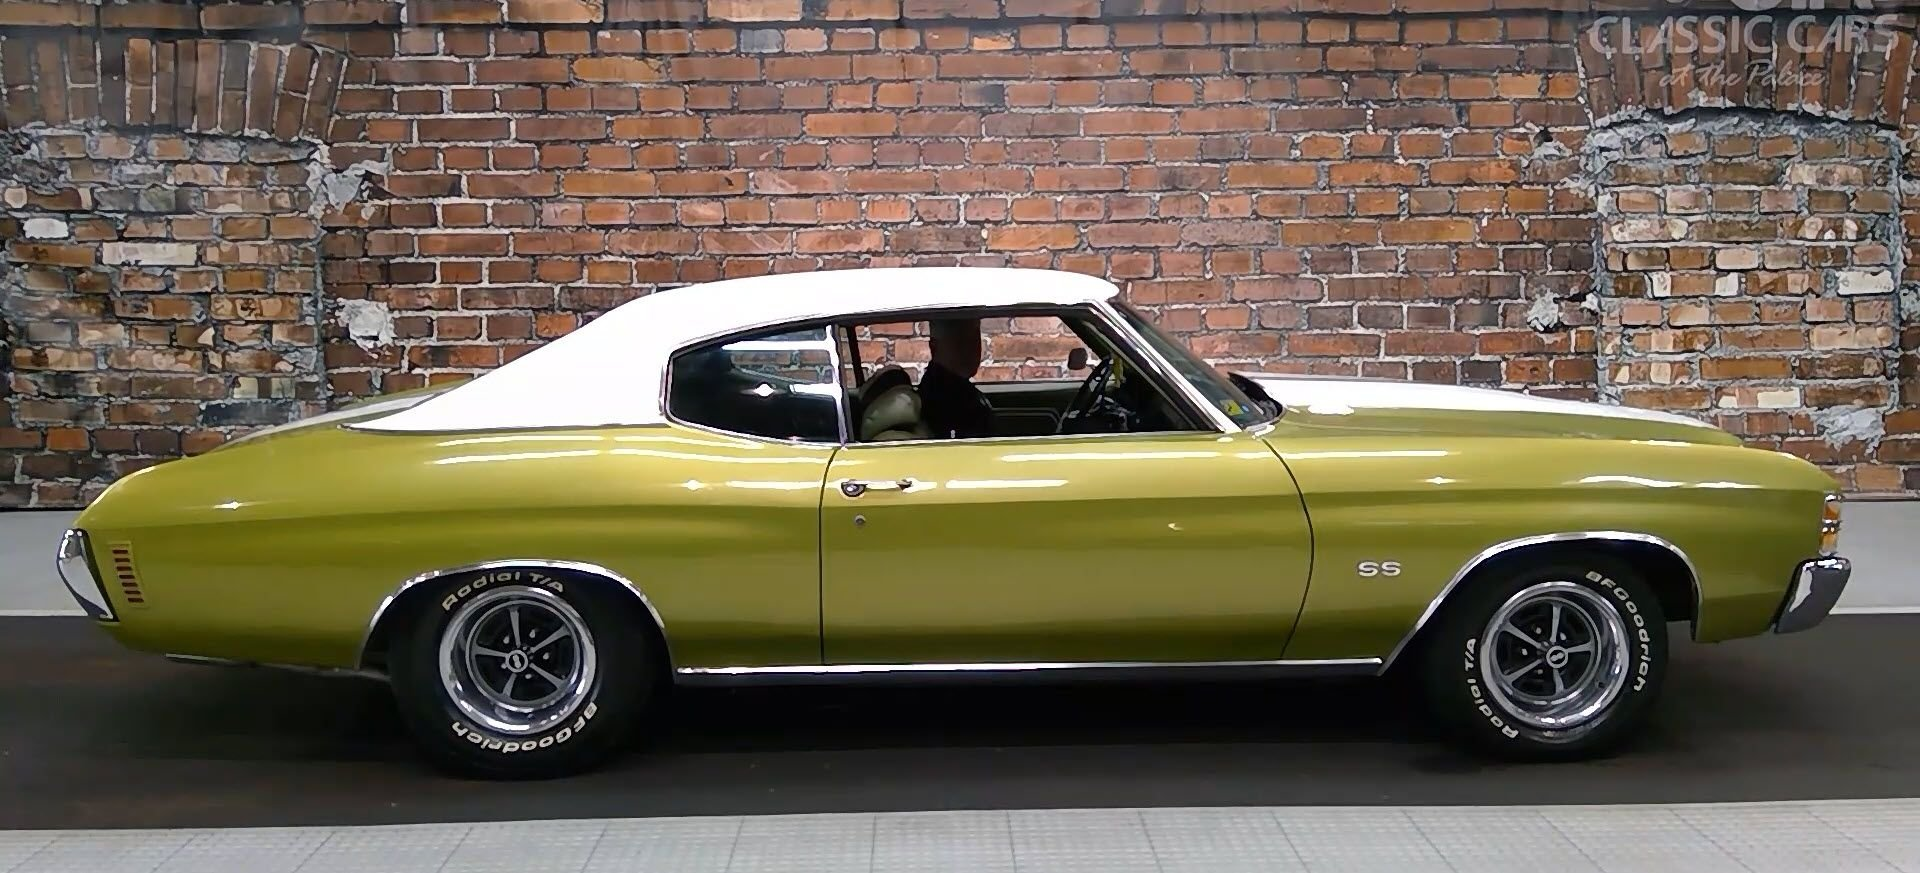 1971 chevrolet chevelle ss replica